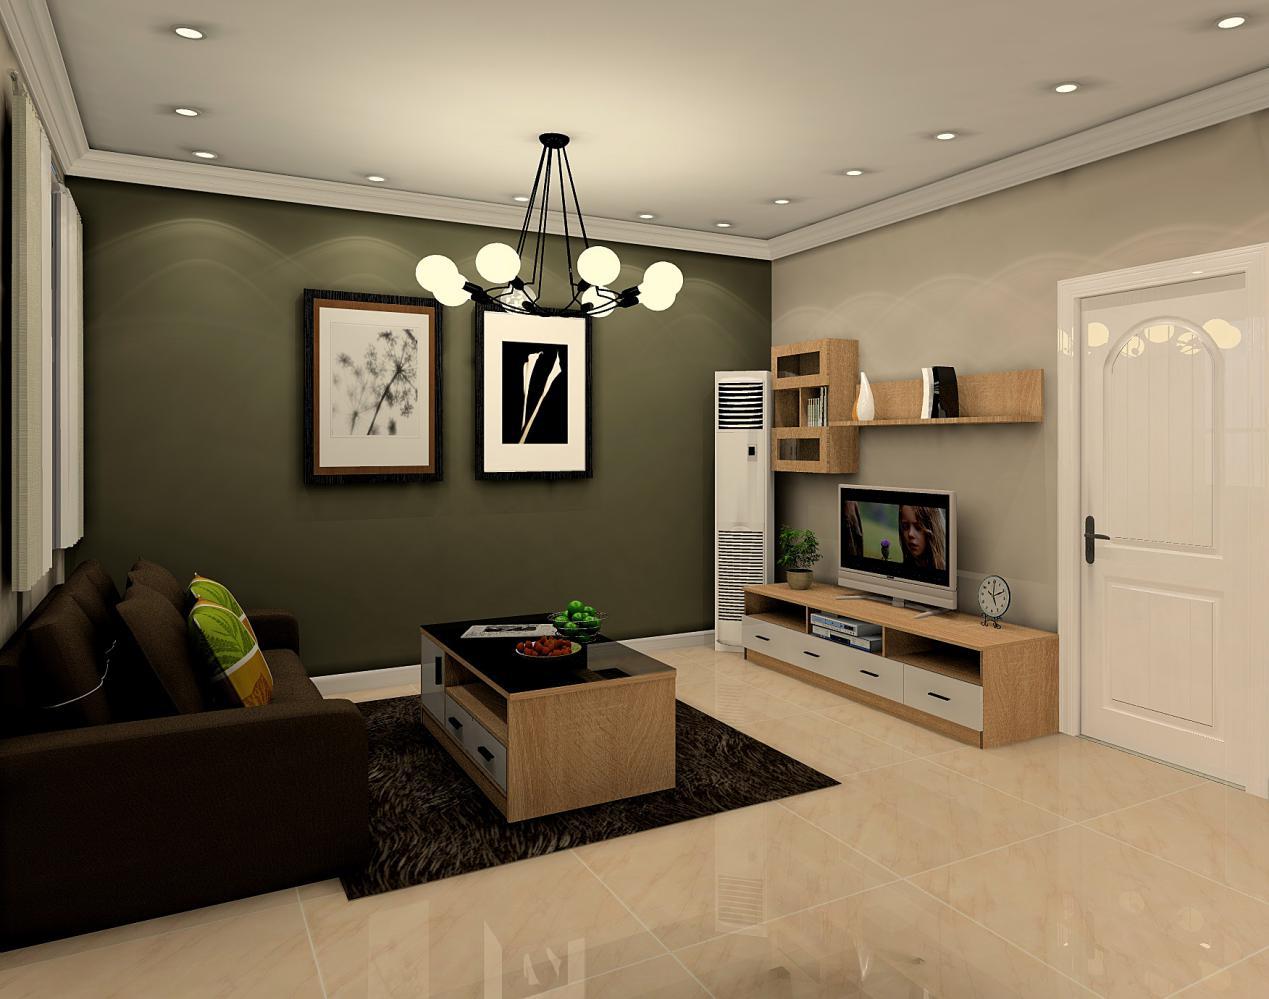 客厅由深至浅的组合很有新意,深色的沙发更适合放松小憩,浅色的电视背景墙增加了视野的开阔性。